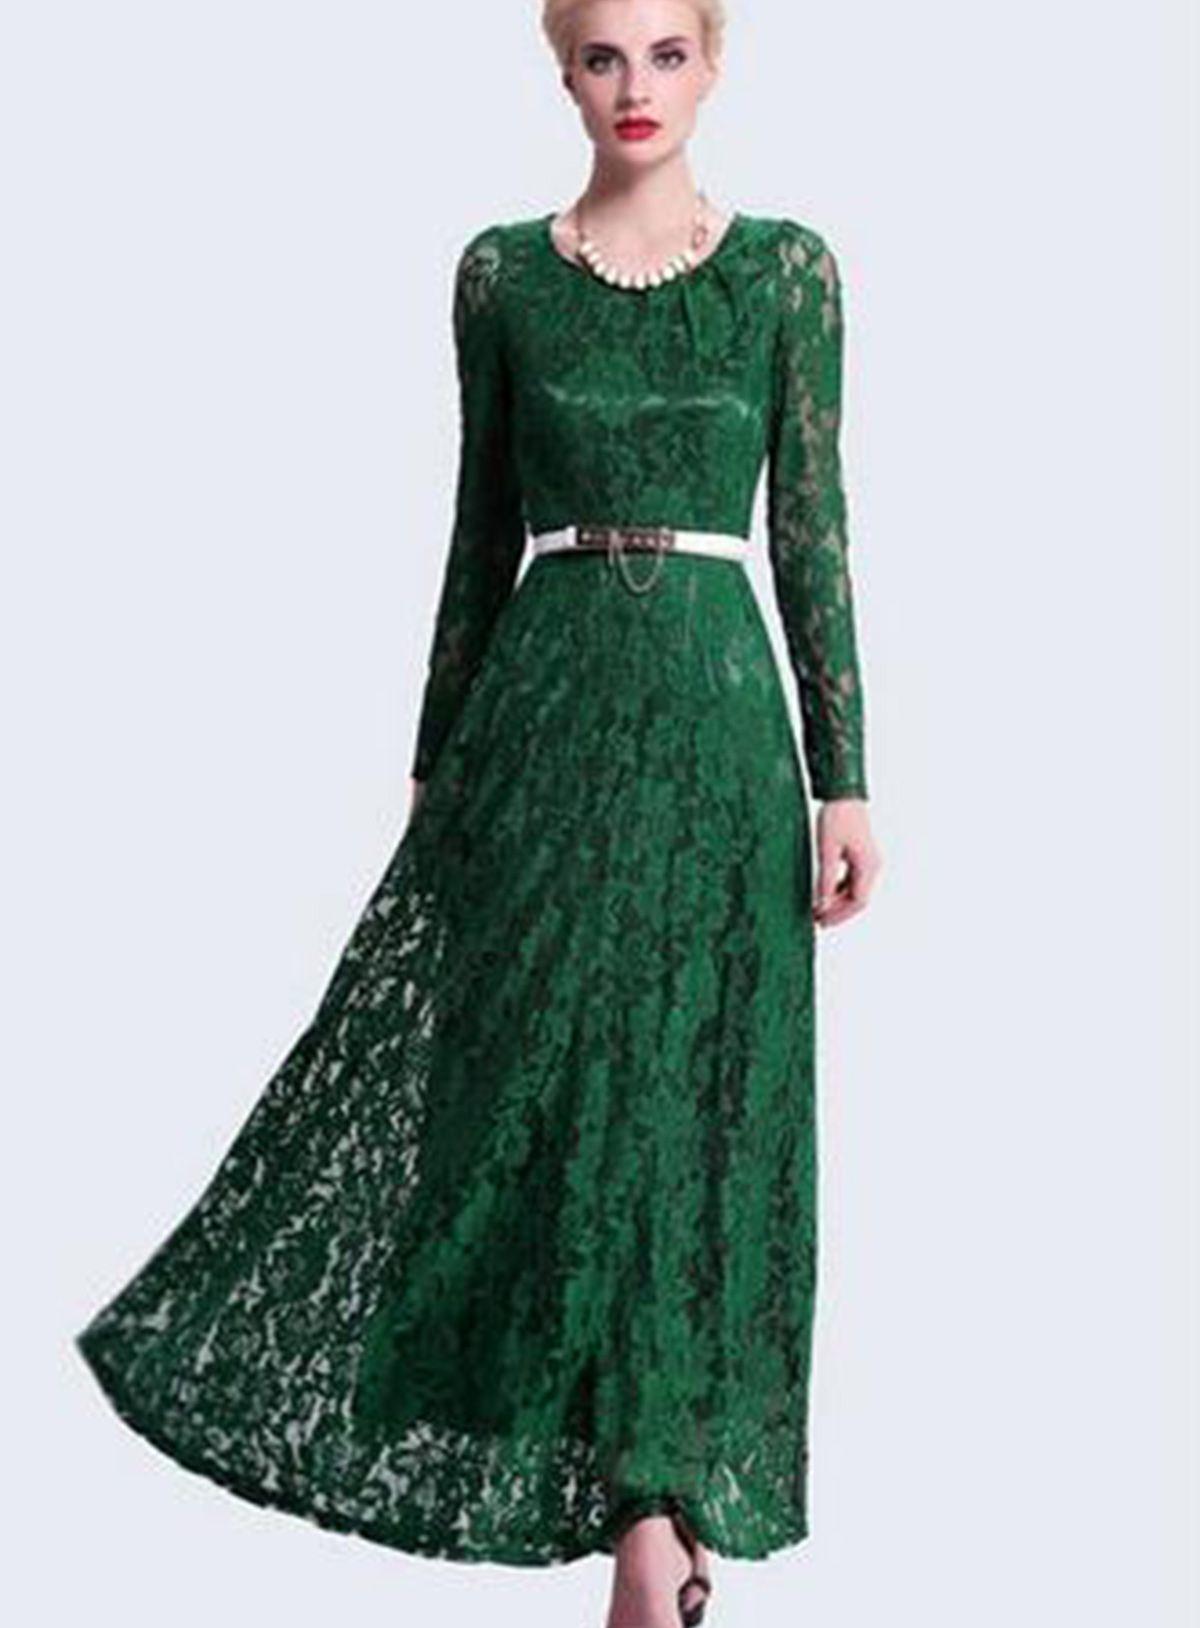 Gorgeous long green lace dress